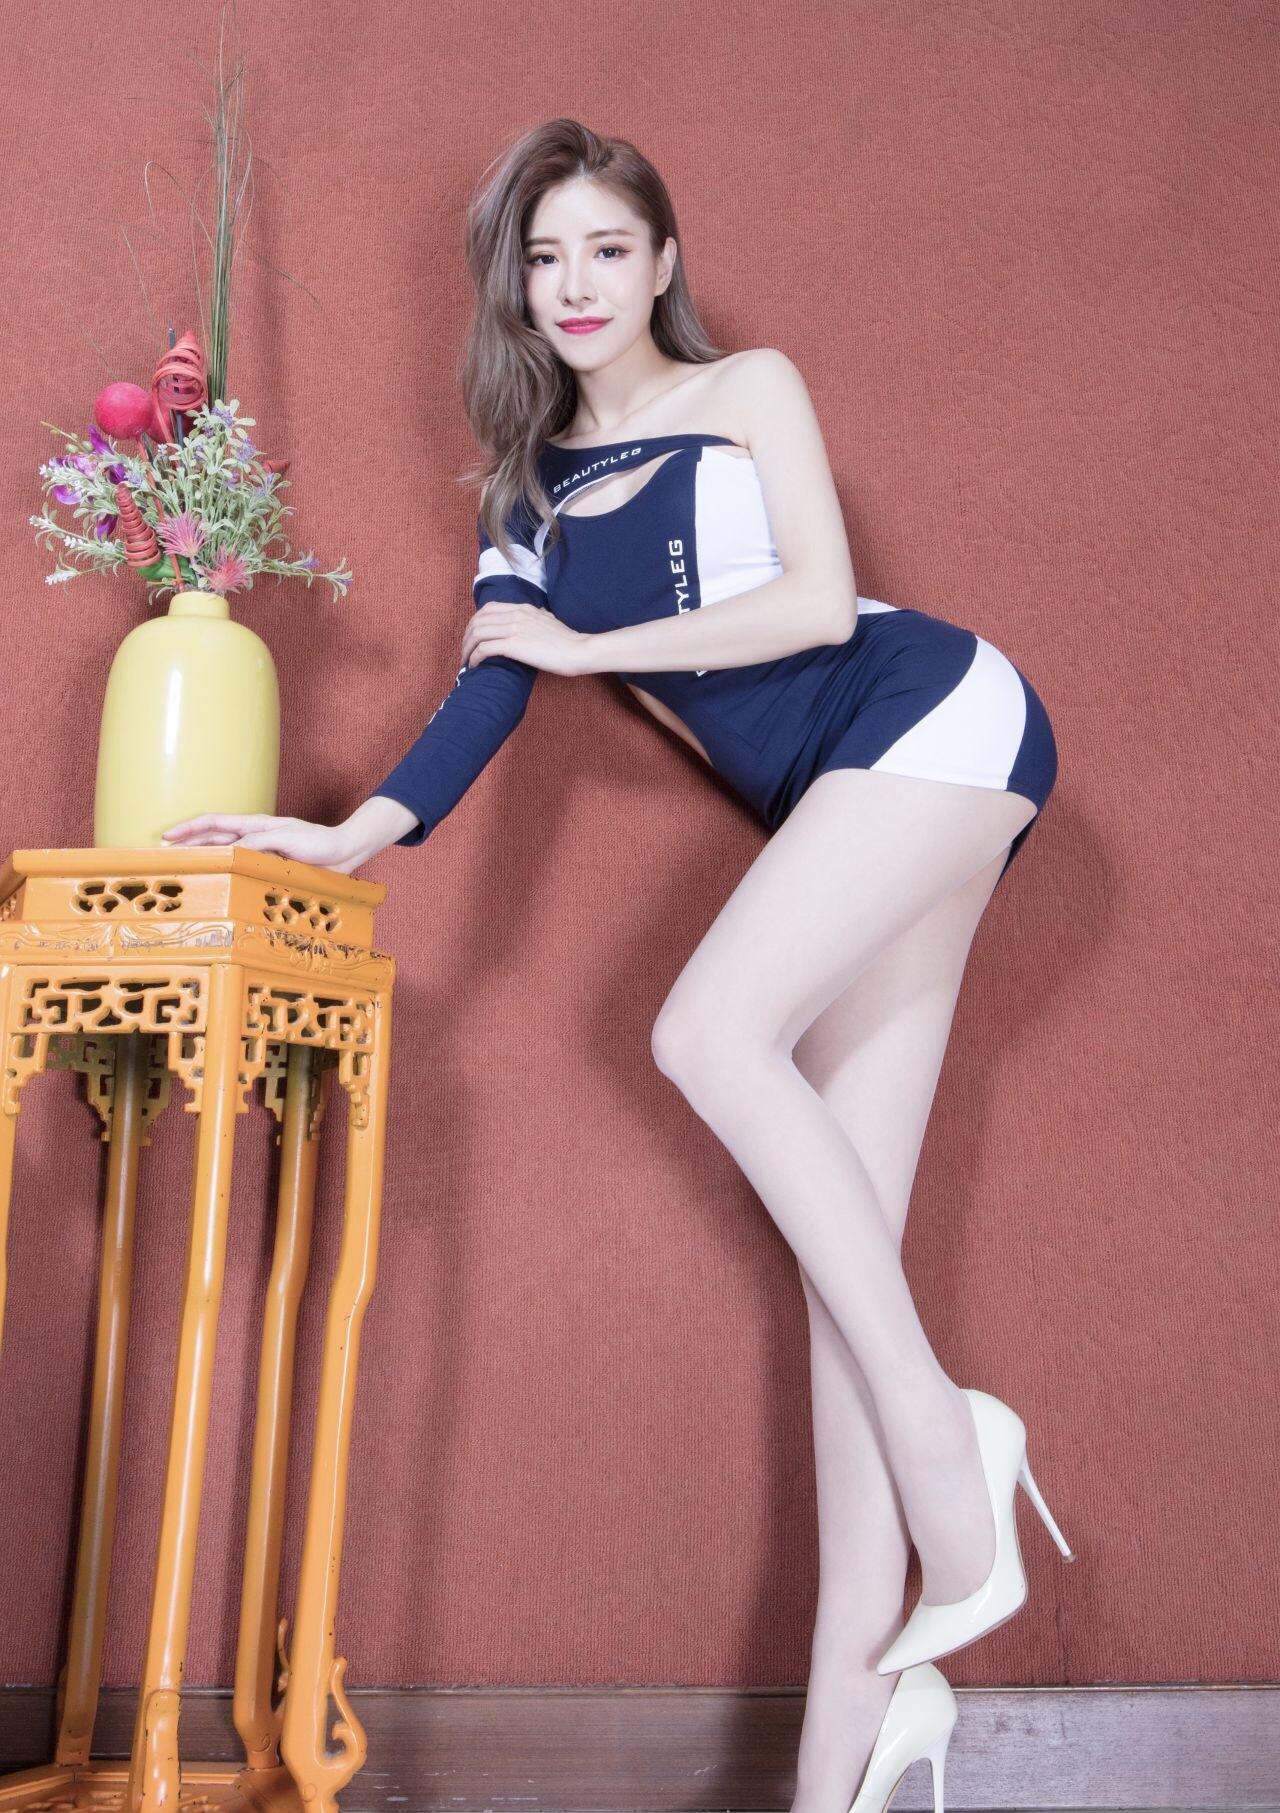 エロさの次元が違う台湾美女の脚フェチ美脚画像(12pics)